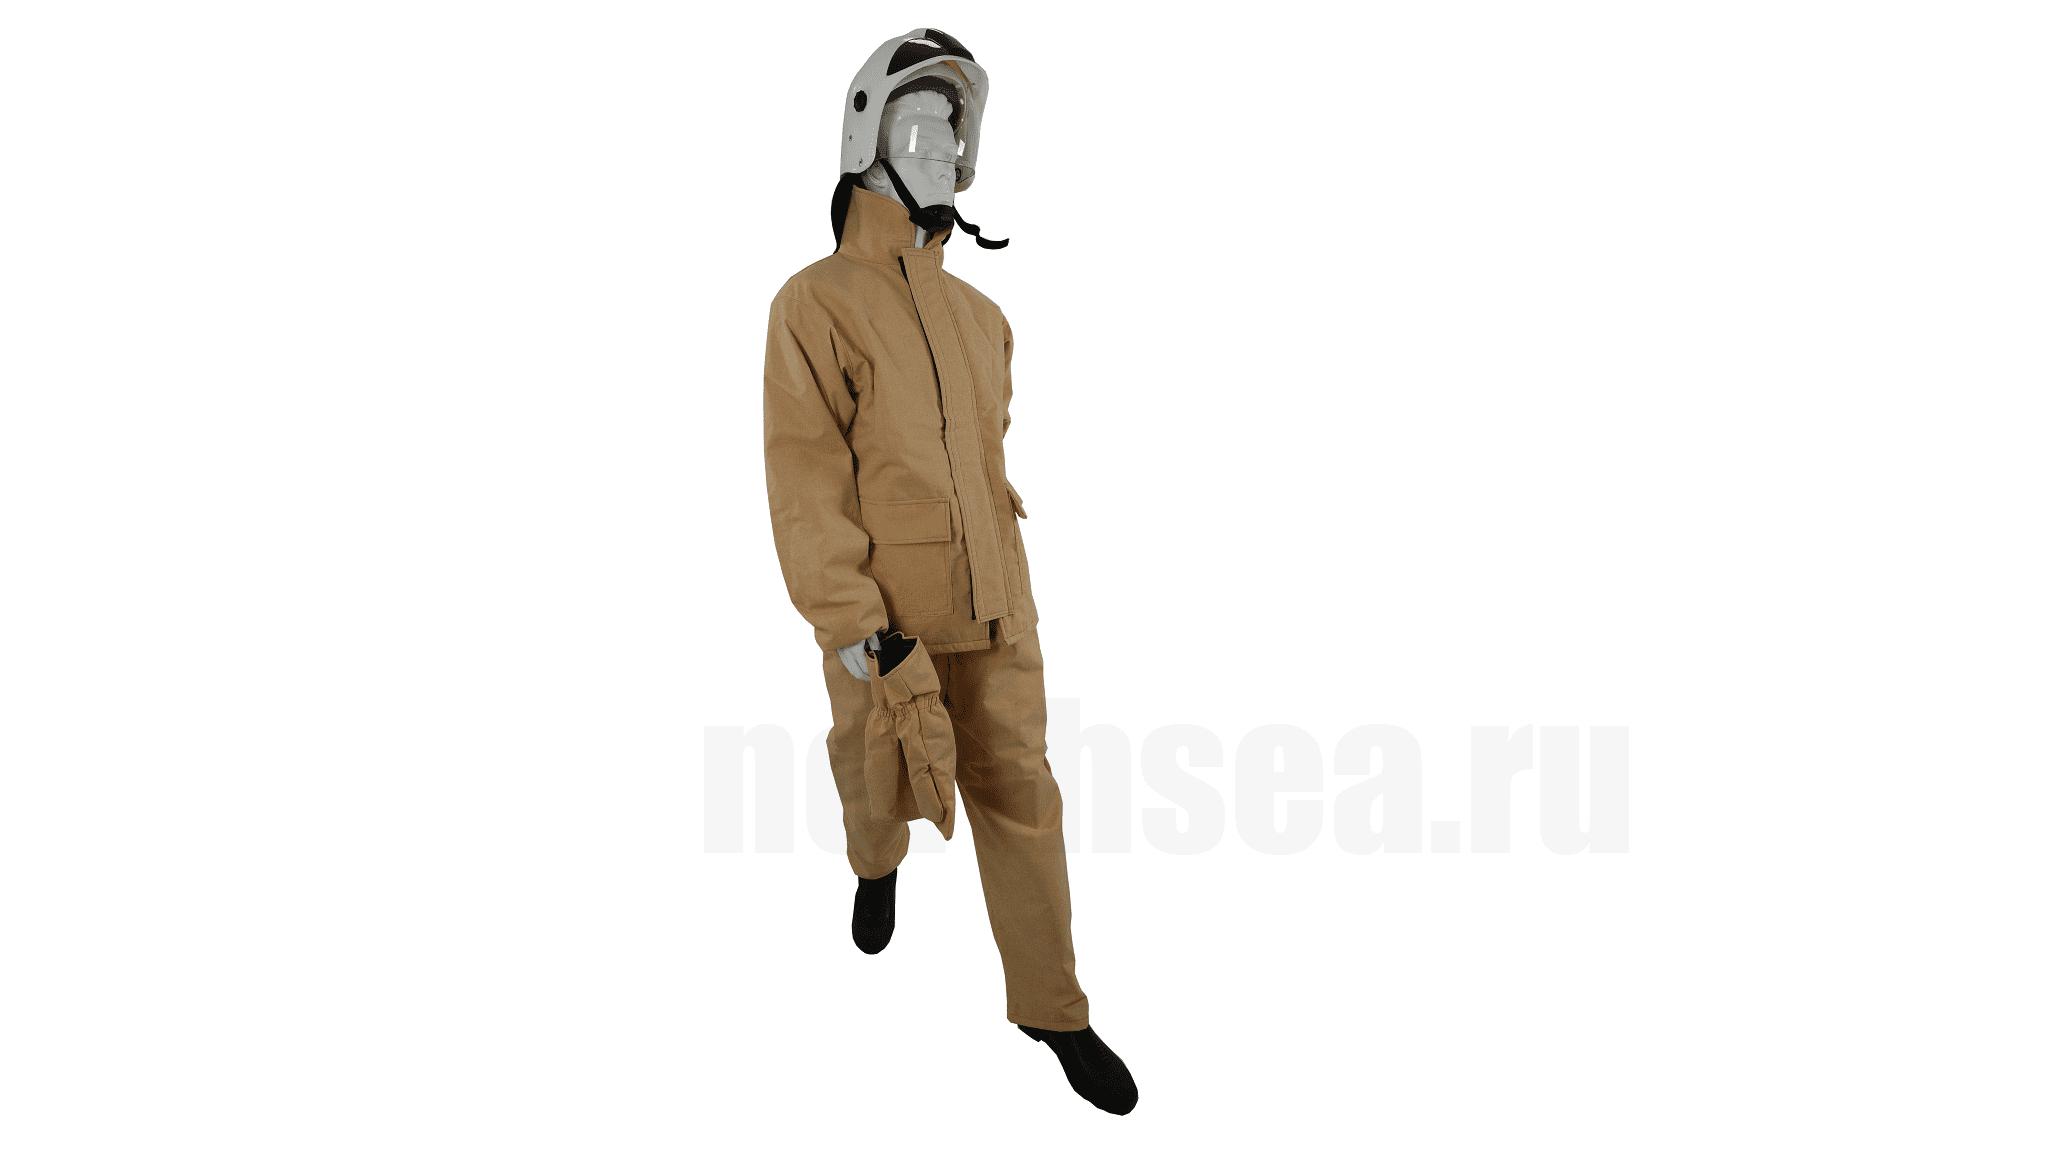 костюм пожарного речной